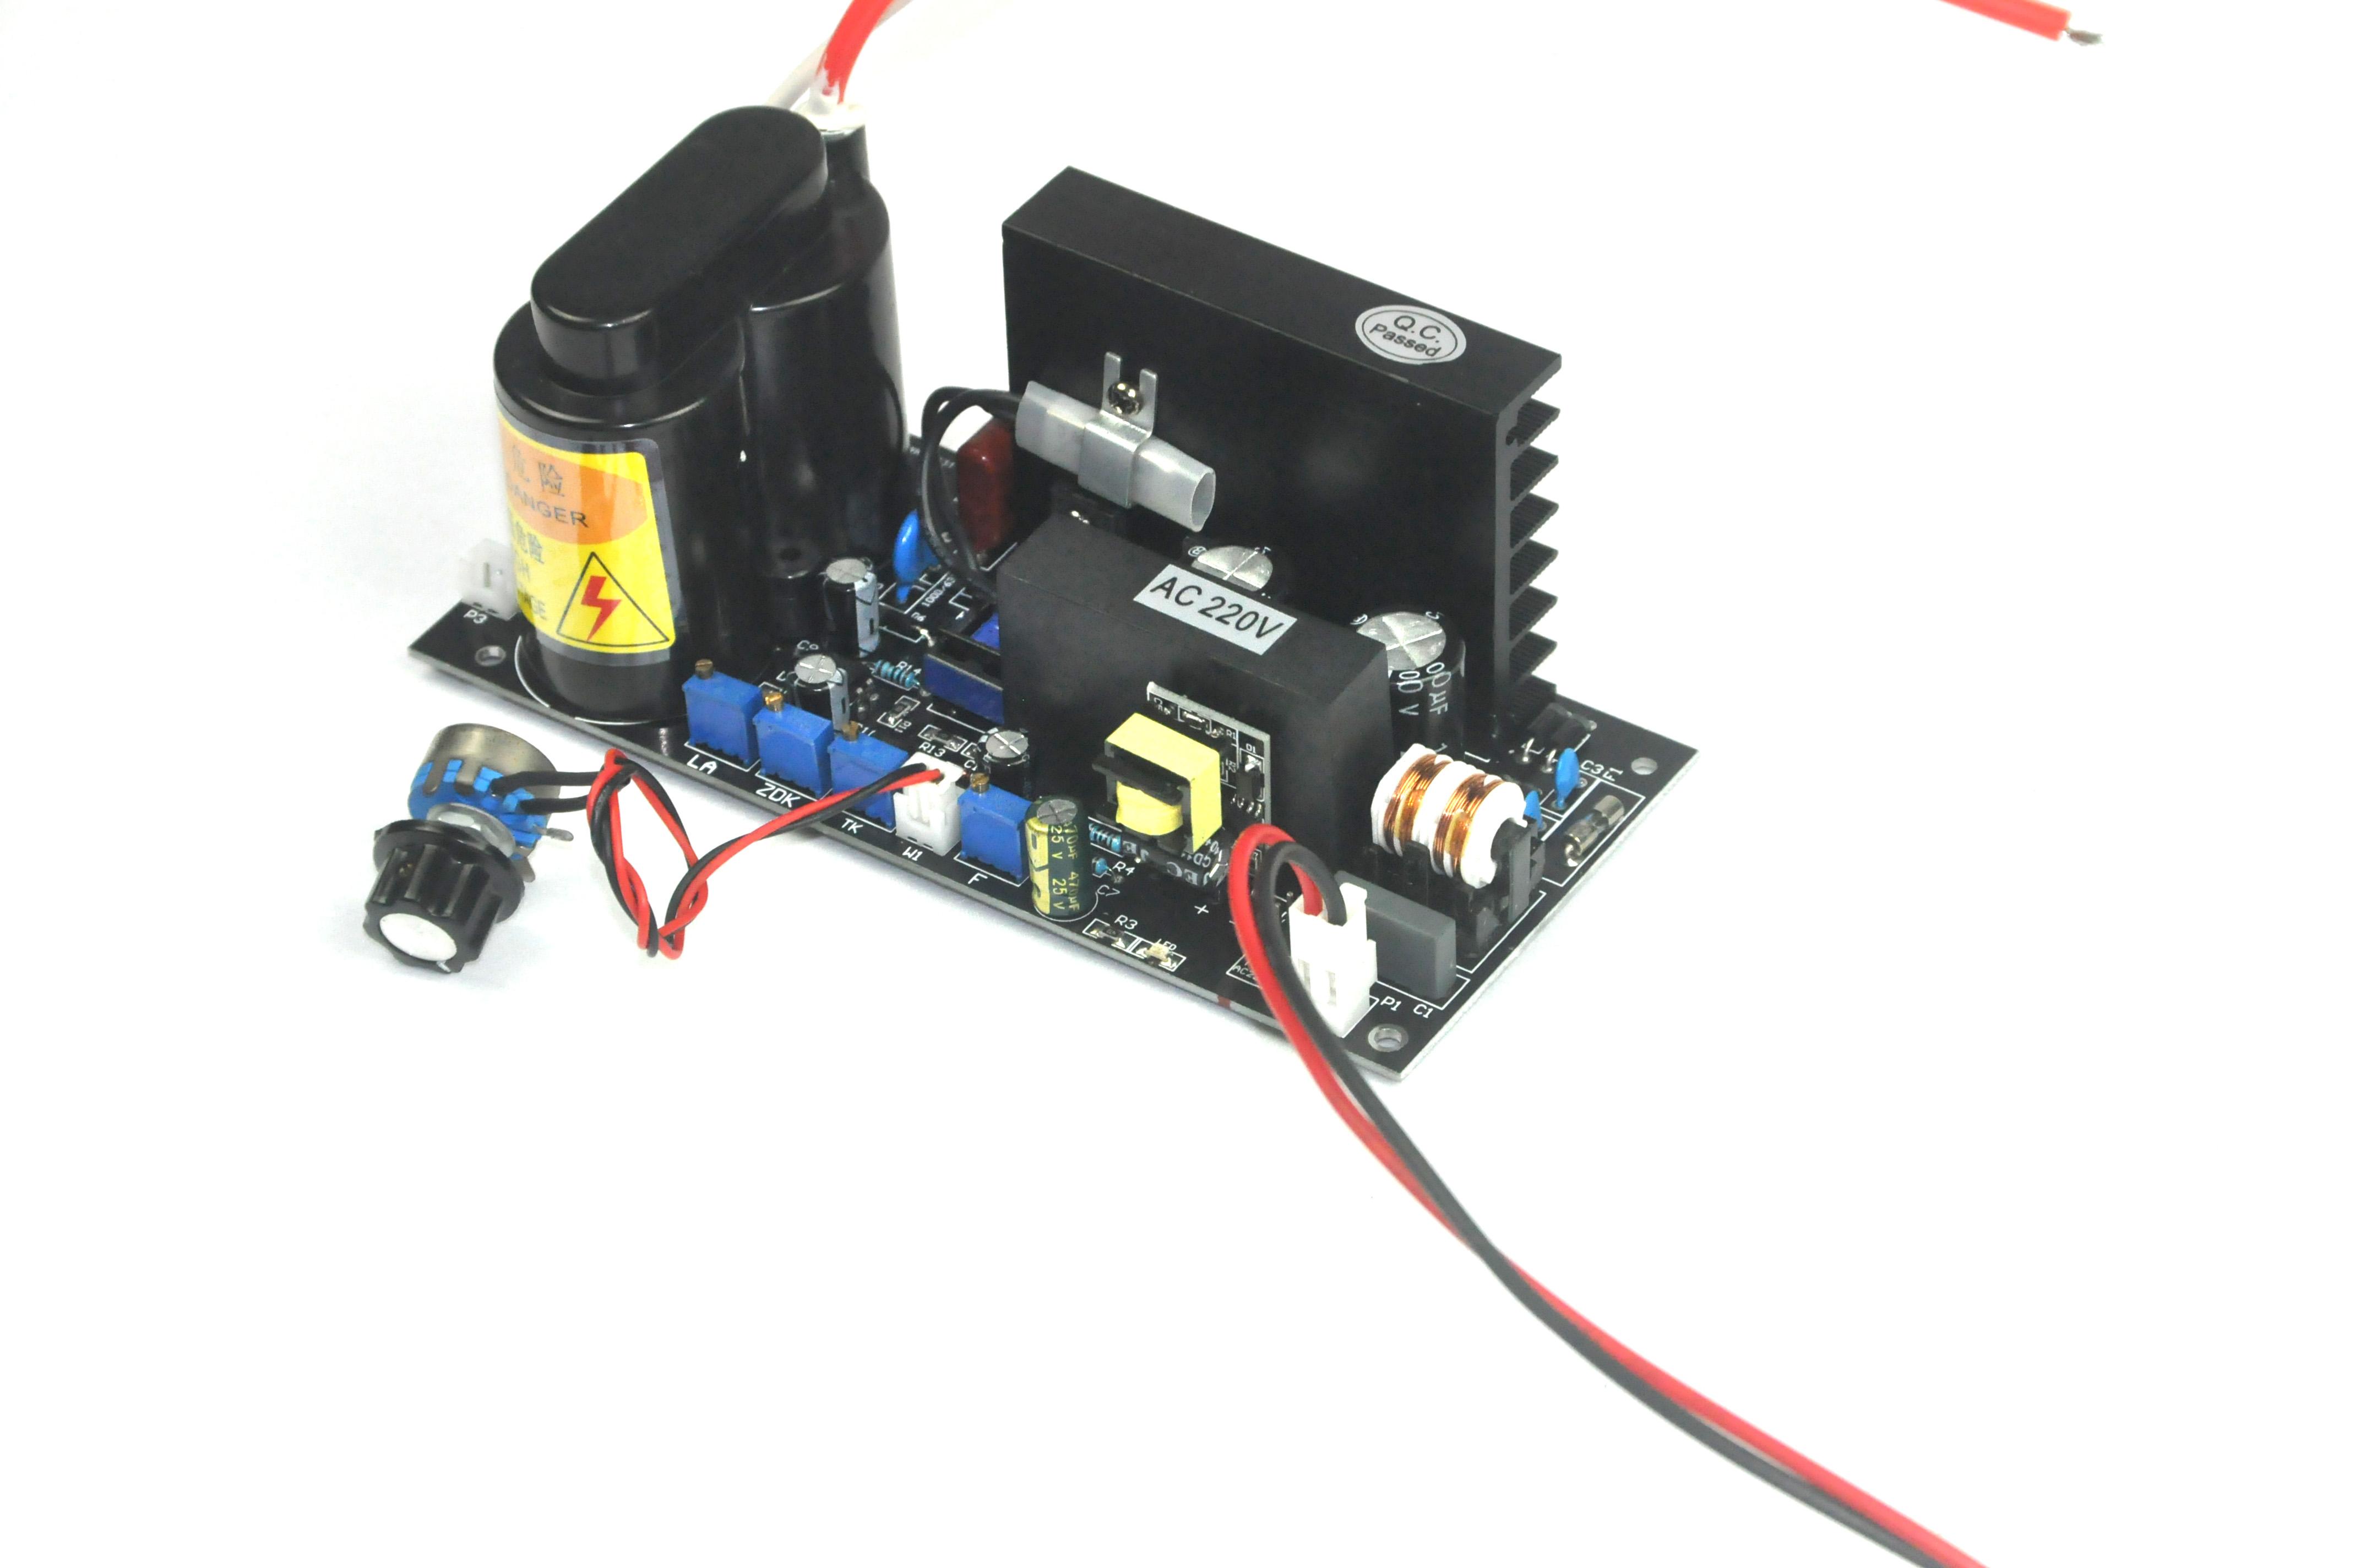 80W功率可调电源.臭氧发生器匹配电源,线路板,80瓦臭氧电源,臭氧发生器专用电源,80W电路板。